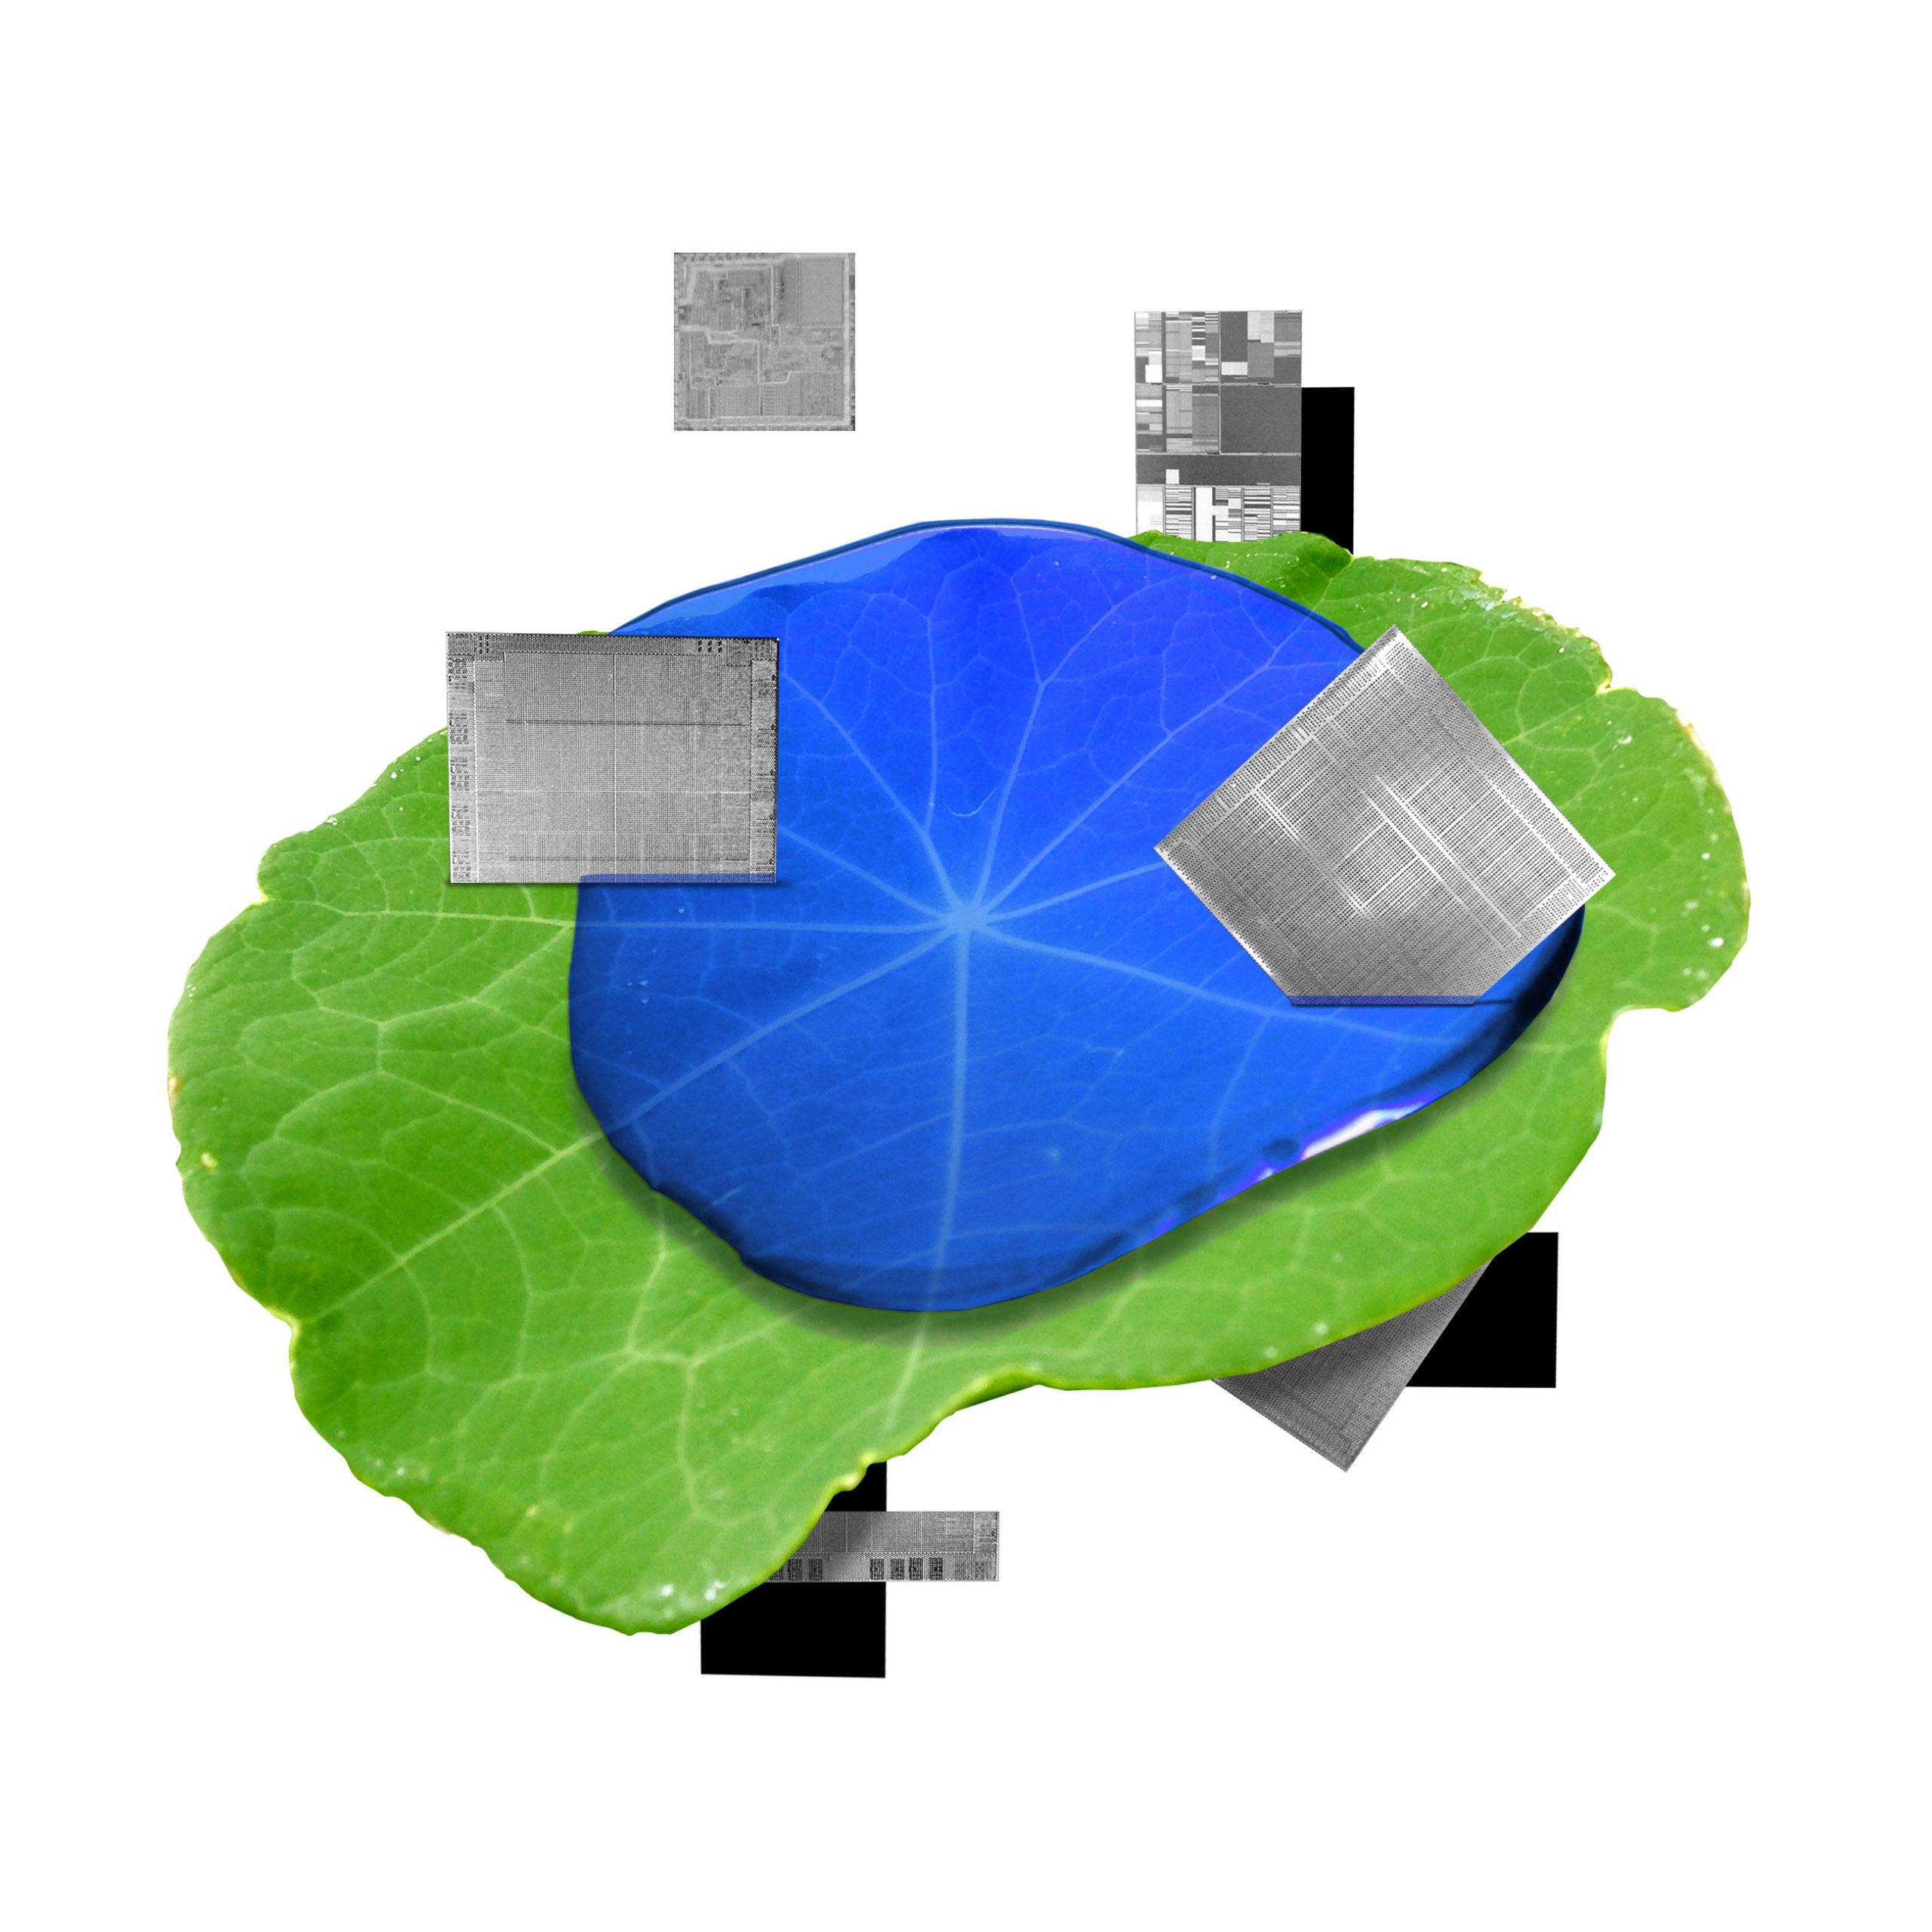 Acelerar radicalmente el proceso de descubrimiento tecnológico permitirá nuestro futuro sostenible